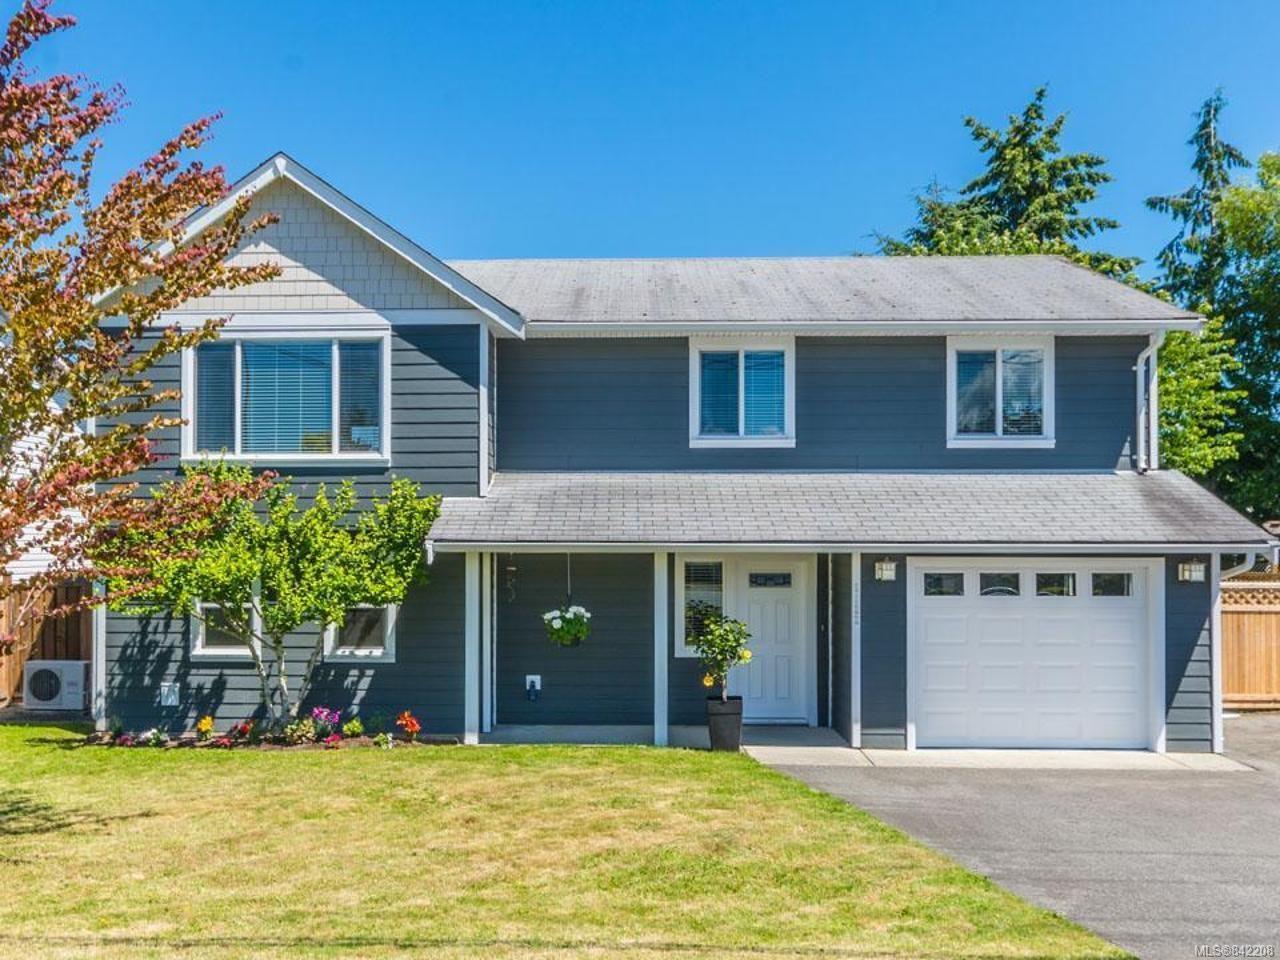 Main Photo: 6122 Brickyard Rd in NANAIMO: Na North Nanaimo House for sale (Nanaimo)  : MLS®# 842208